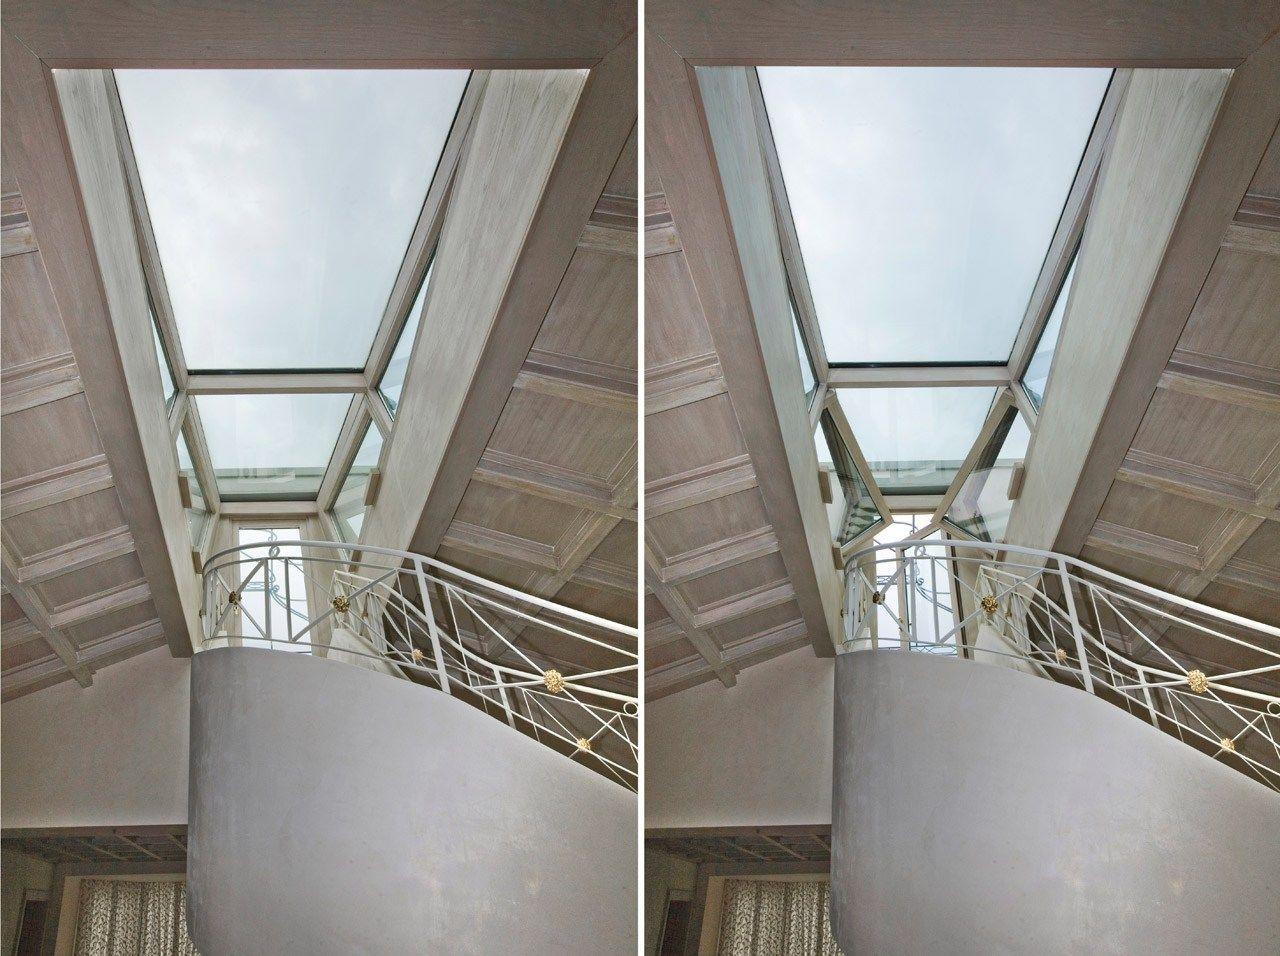 dachfenster lichtband skylight by capoferri serramenti. Black Bedroom Furniture Sets. Home Design Ideas